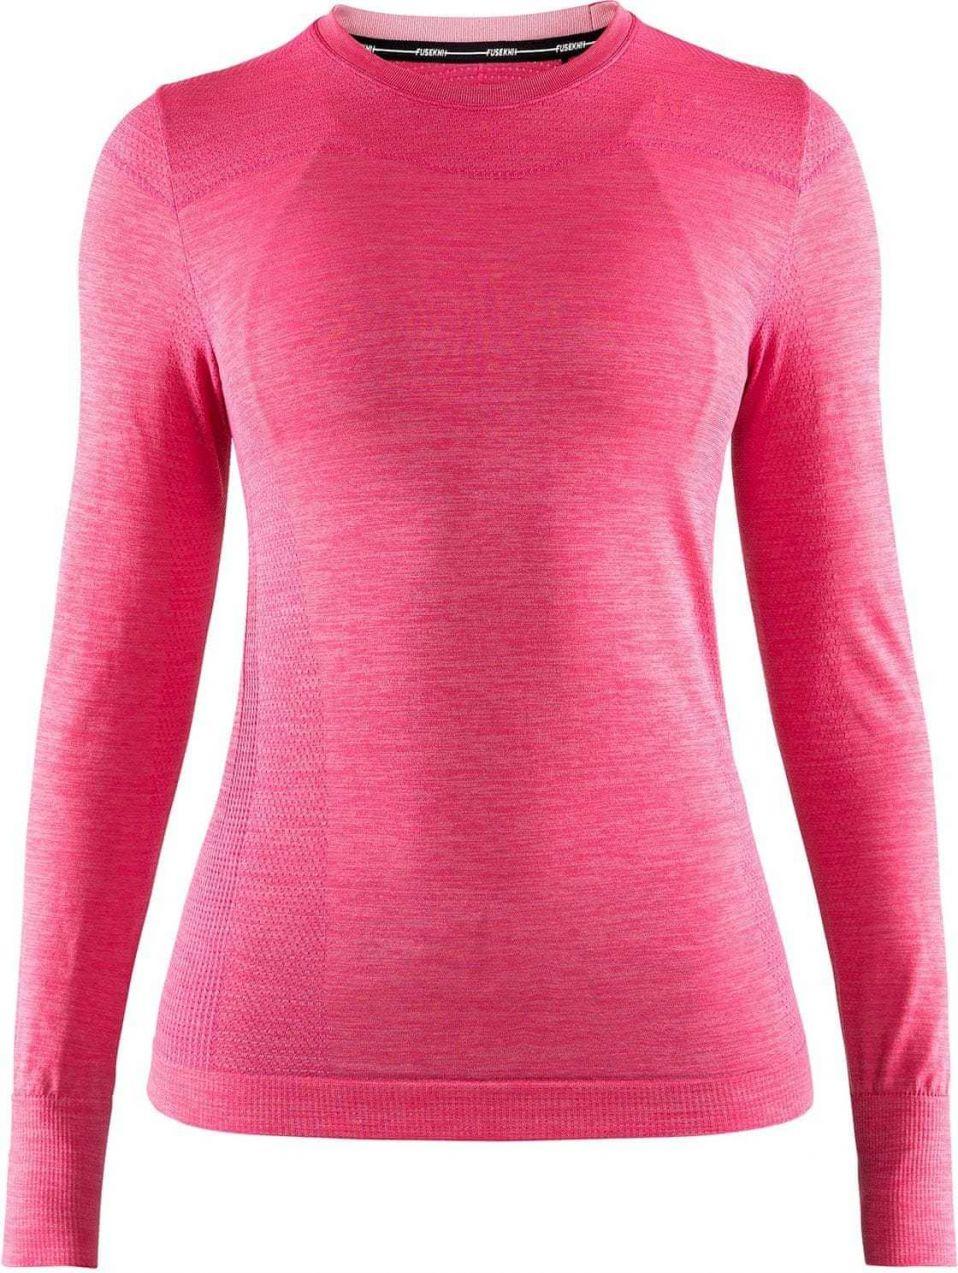 53a9a05b4251 Craft Dámske funkčné tričko ružová značky Craft - Lovely.sk